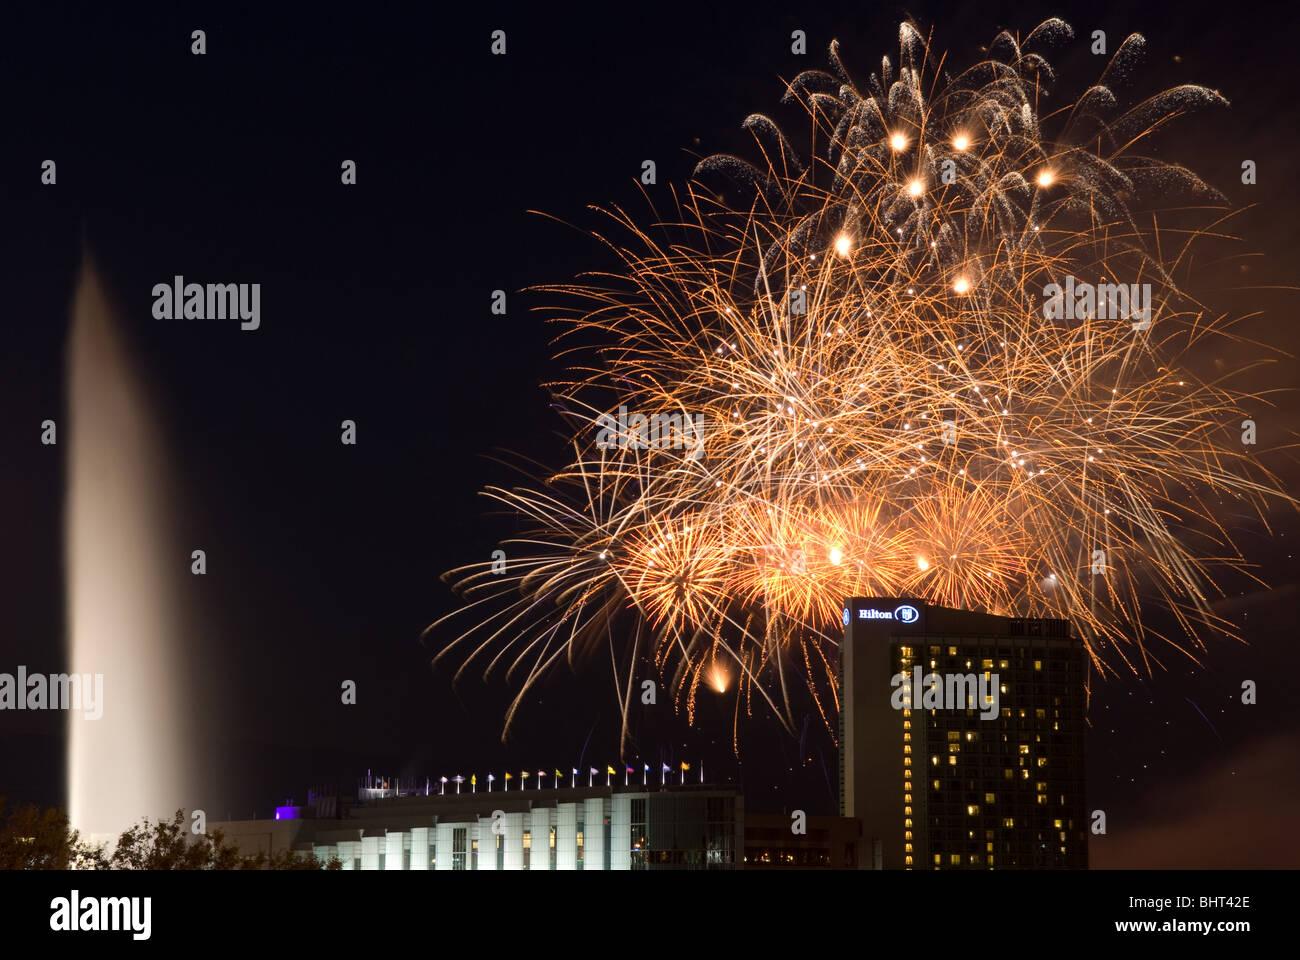 Casino de hull fireworks kalispell casino hotel